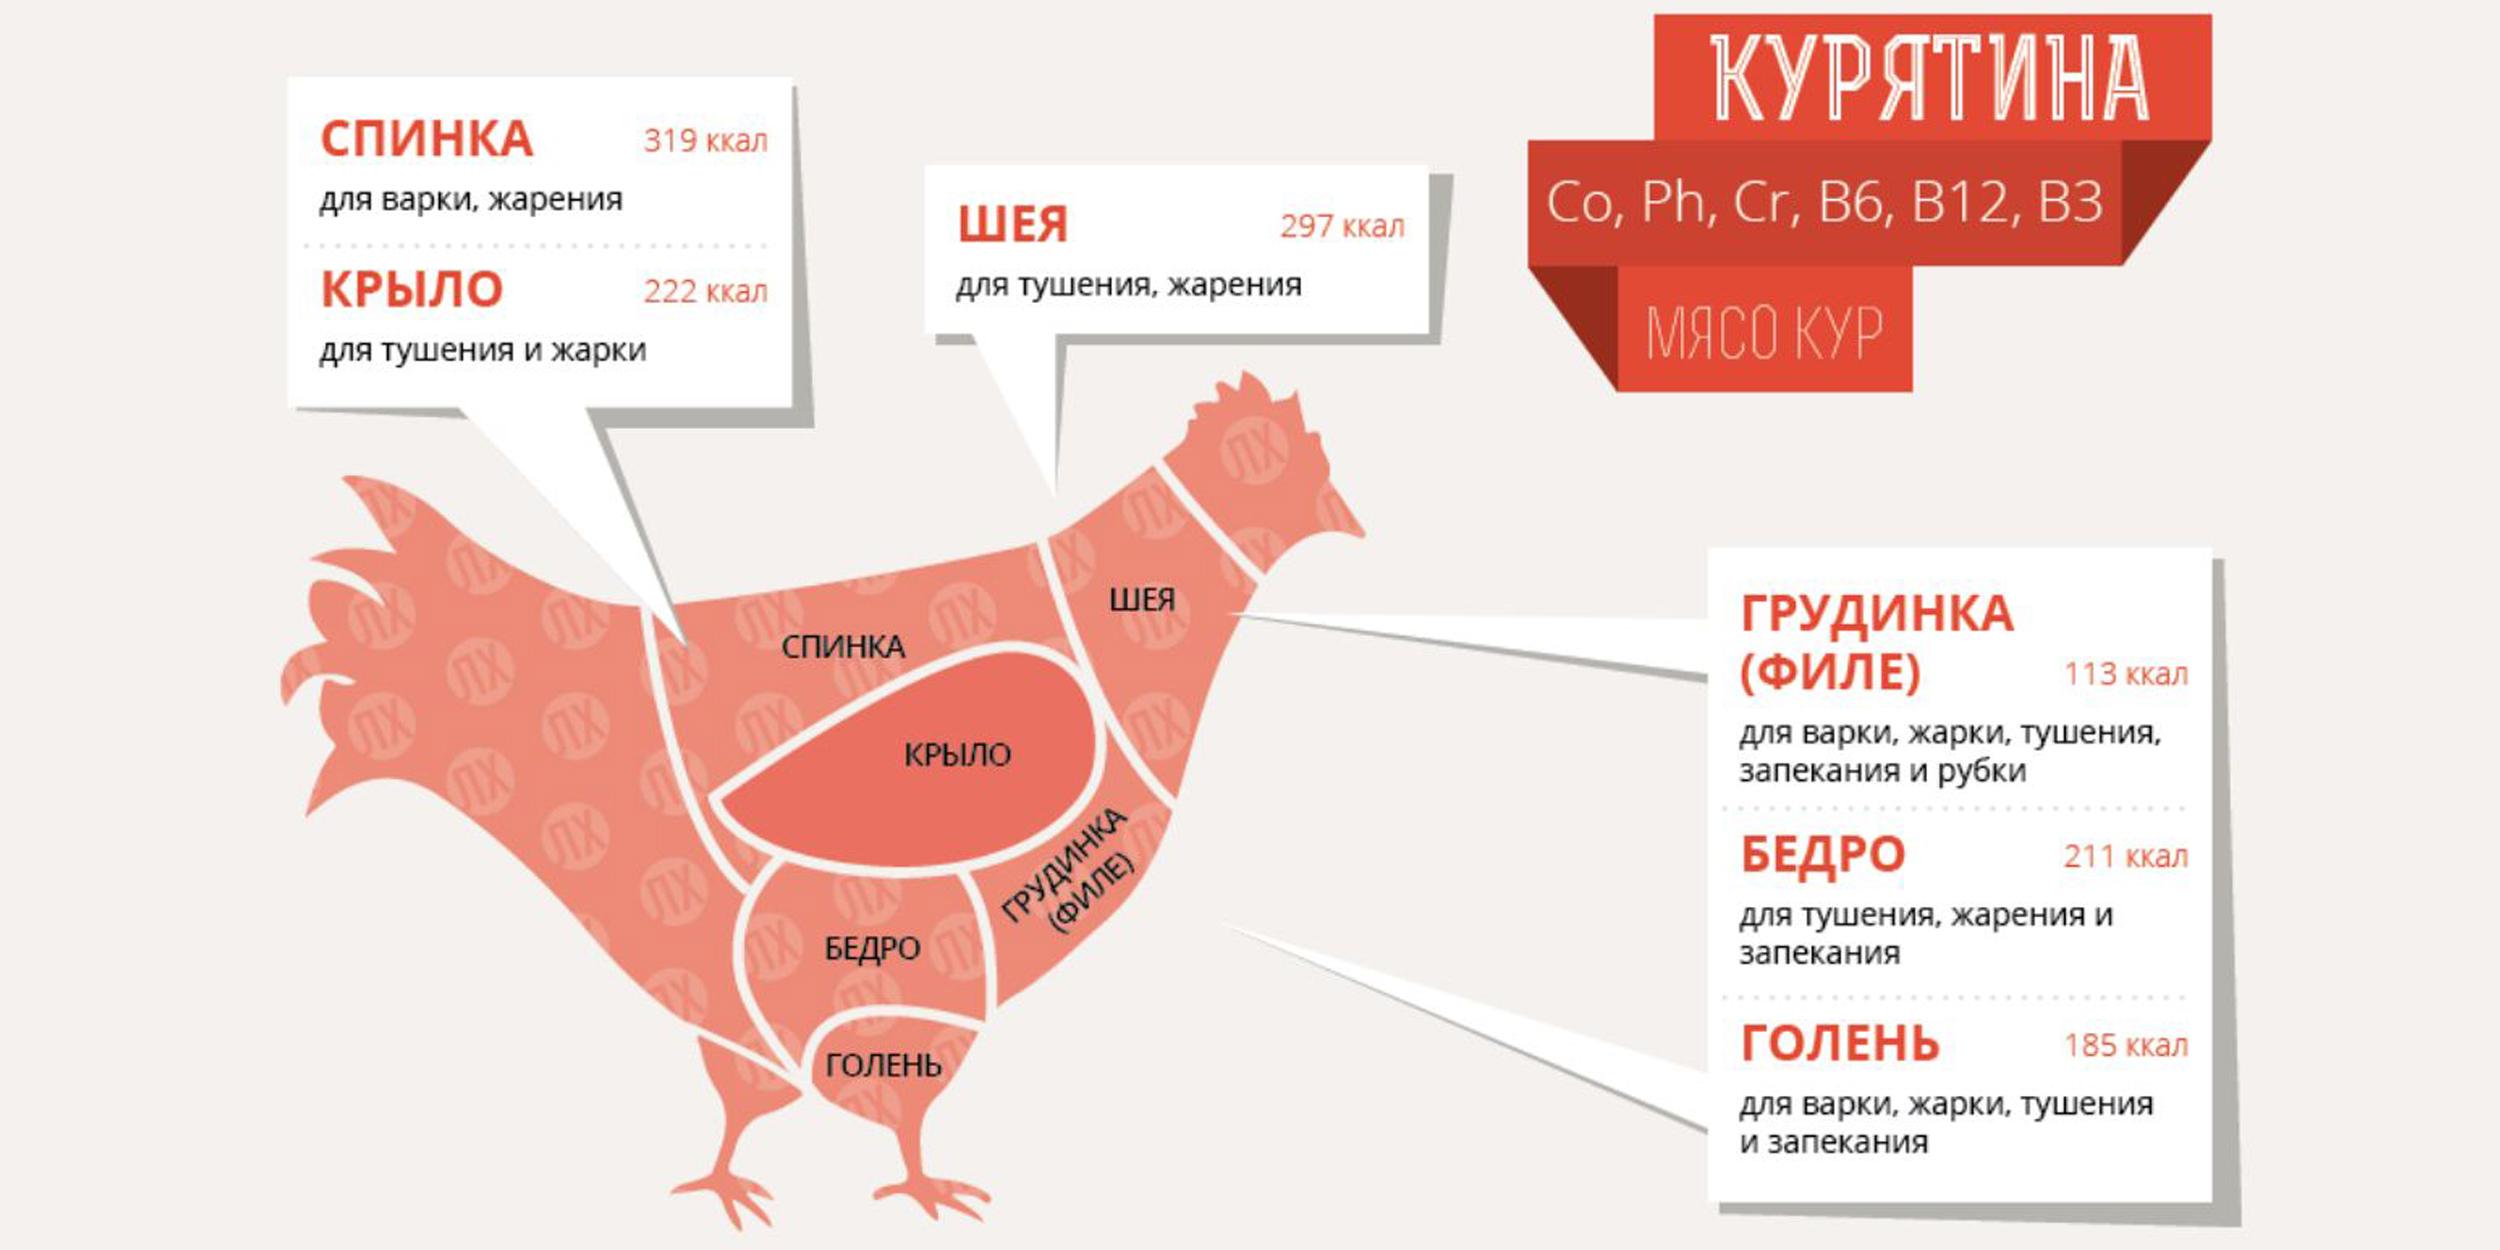 переноса сколько варить филе бедра курицы магазинов Хабаровска